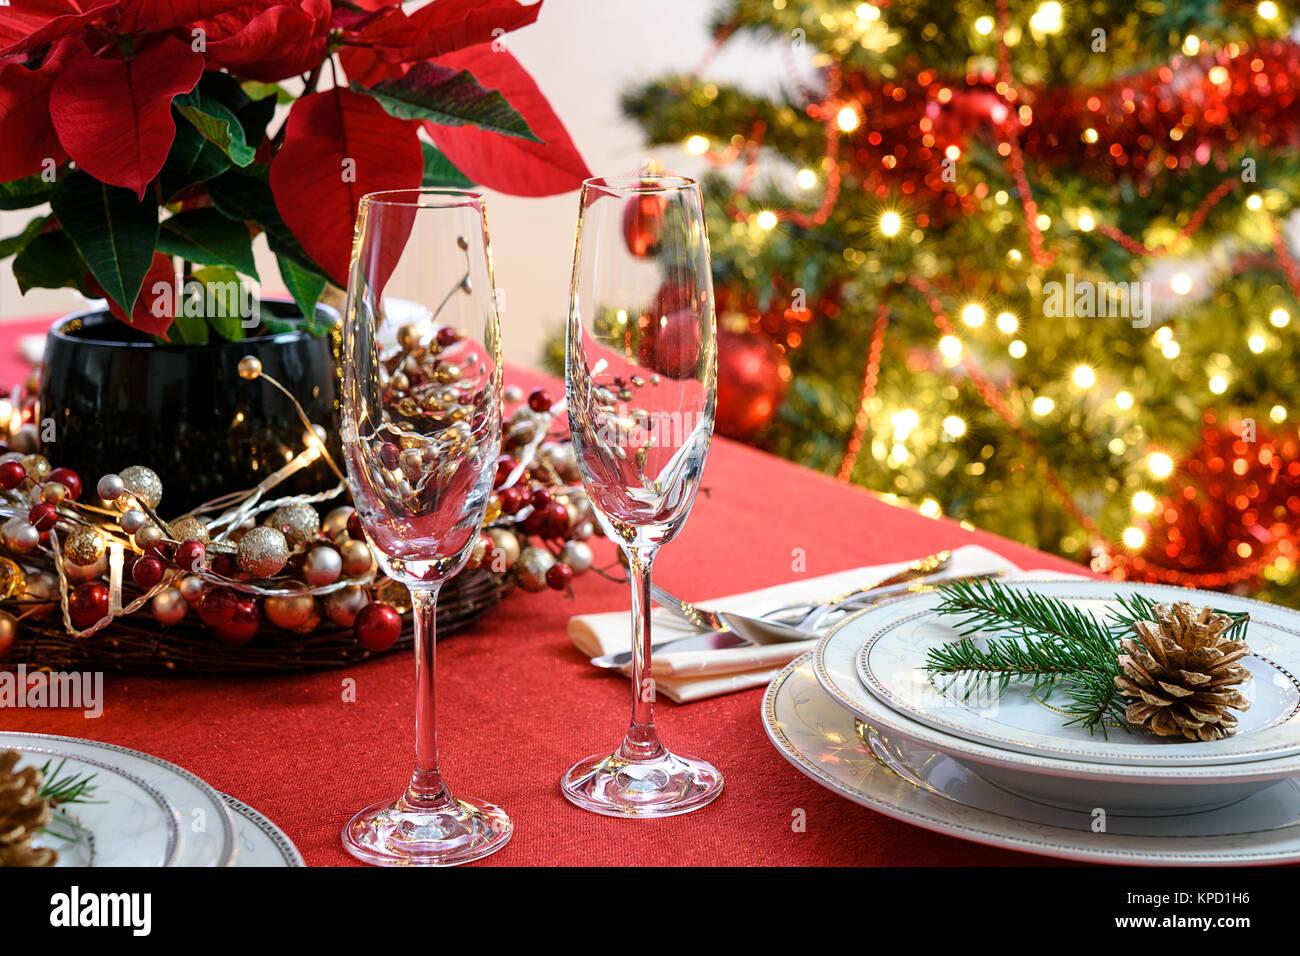 Weihnachten oder silvester tischdekoration konzept for Tischdekoration weihnachten dekoration